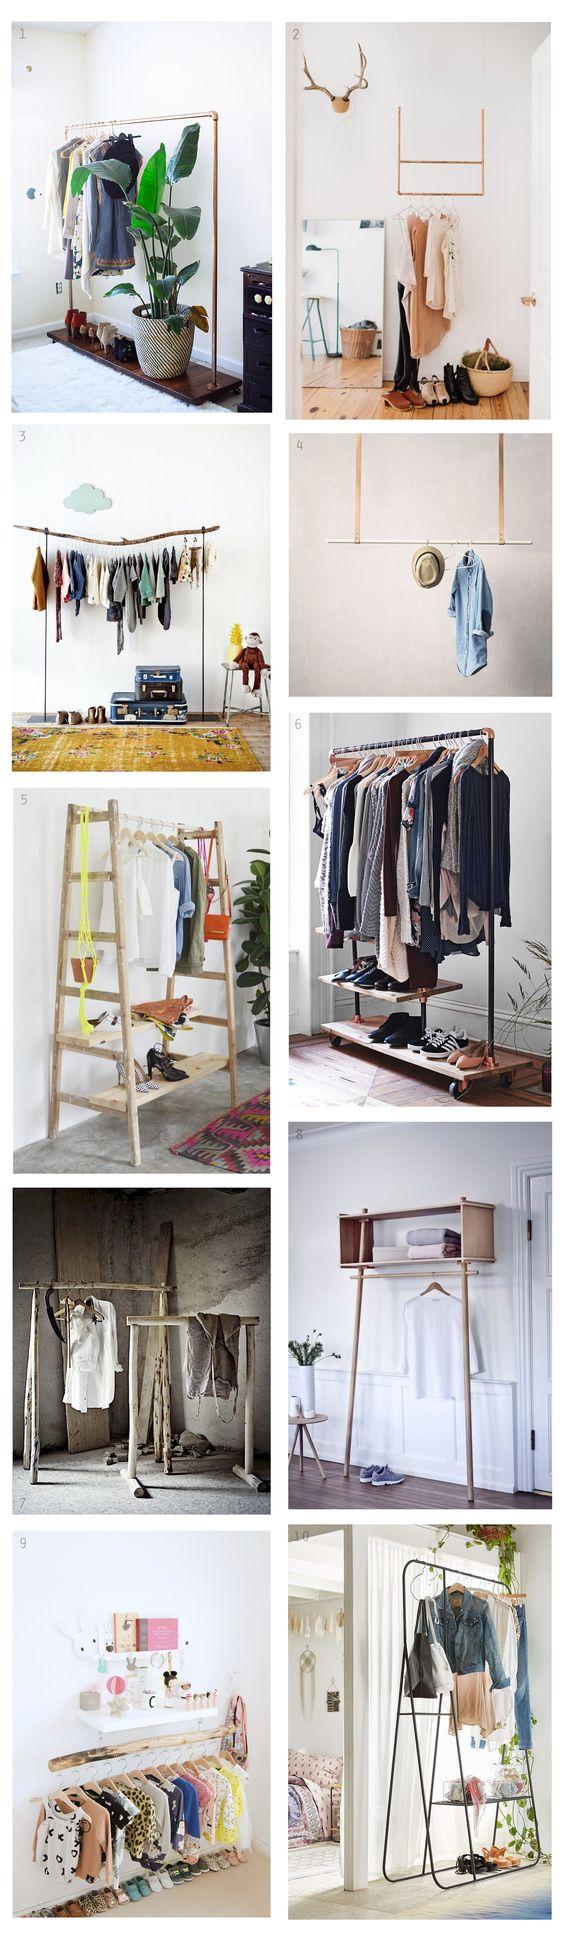 DECO ideas: Percheros, de imprescindible en las tiendas de ropa a rey de los dormitorios.  https://thecreativejungleblog.wordpress.com/2016/01/30/deco-inspiracion-percheros/  Más en The Creative Jungle: